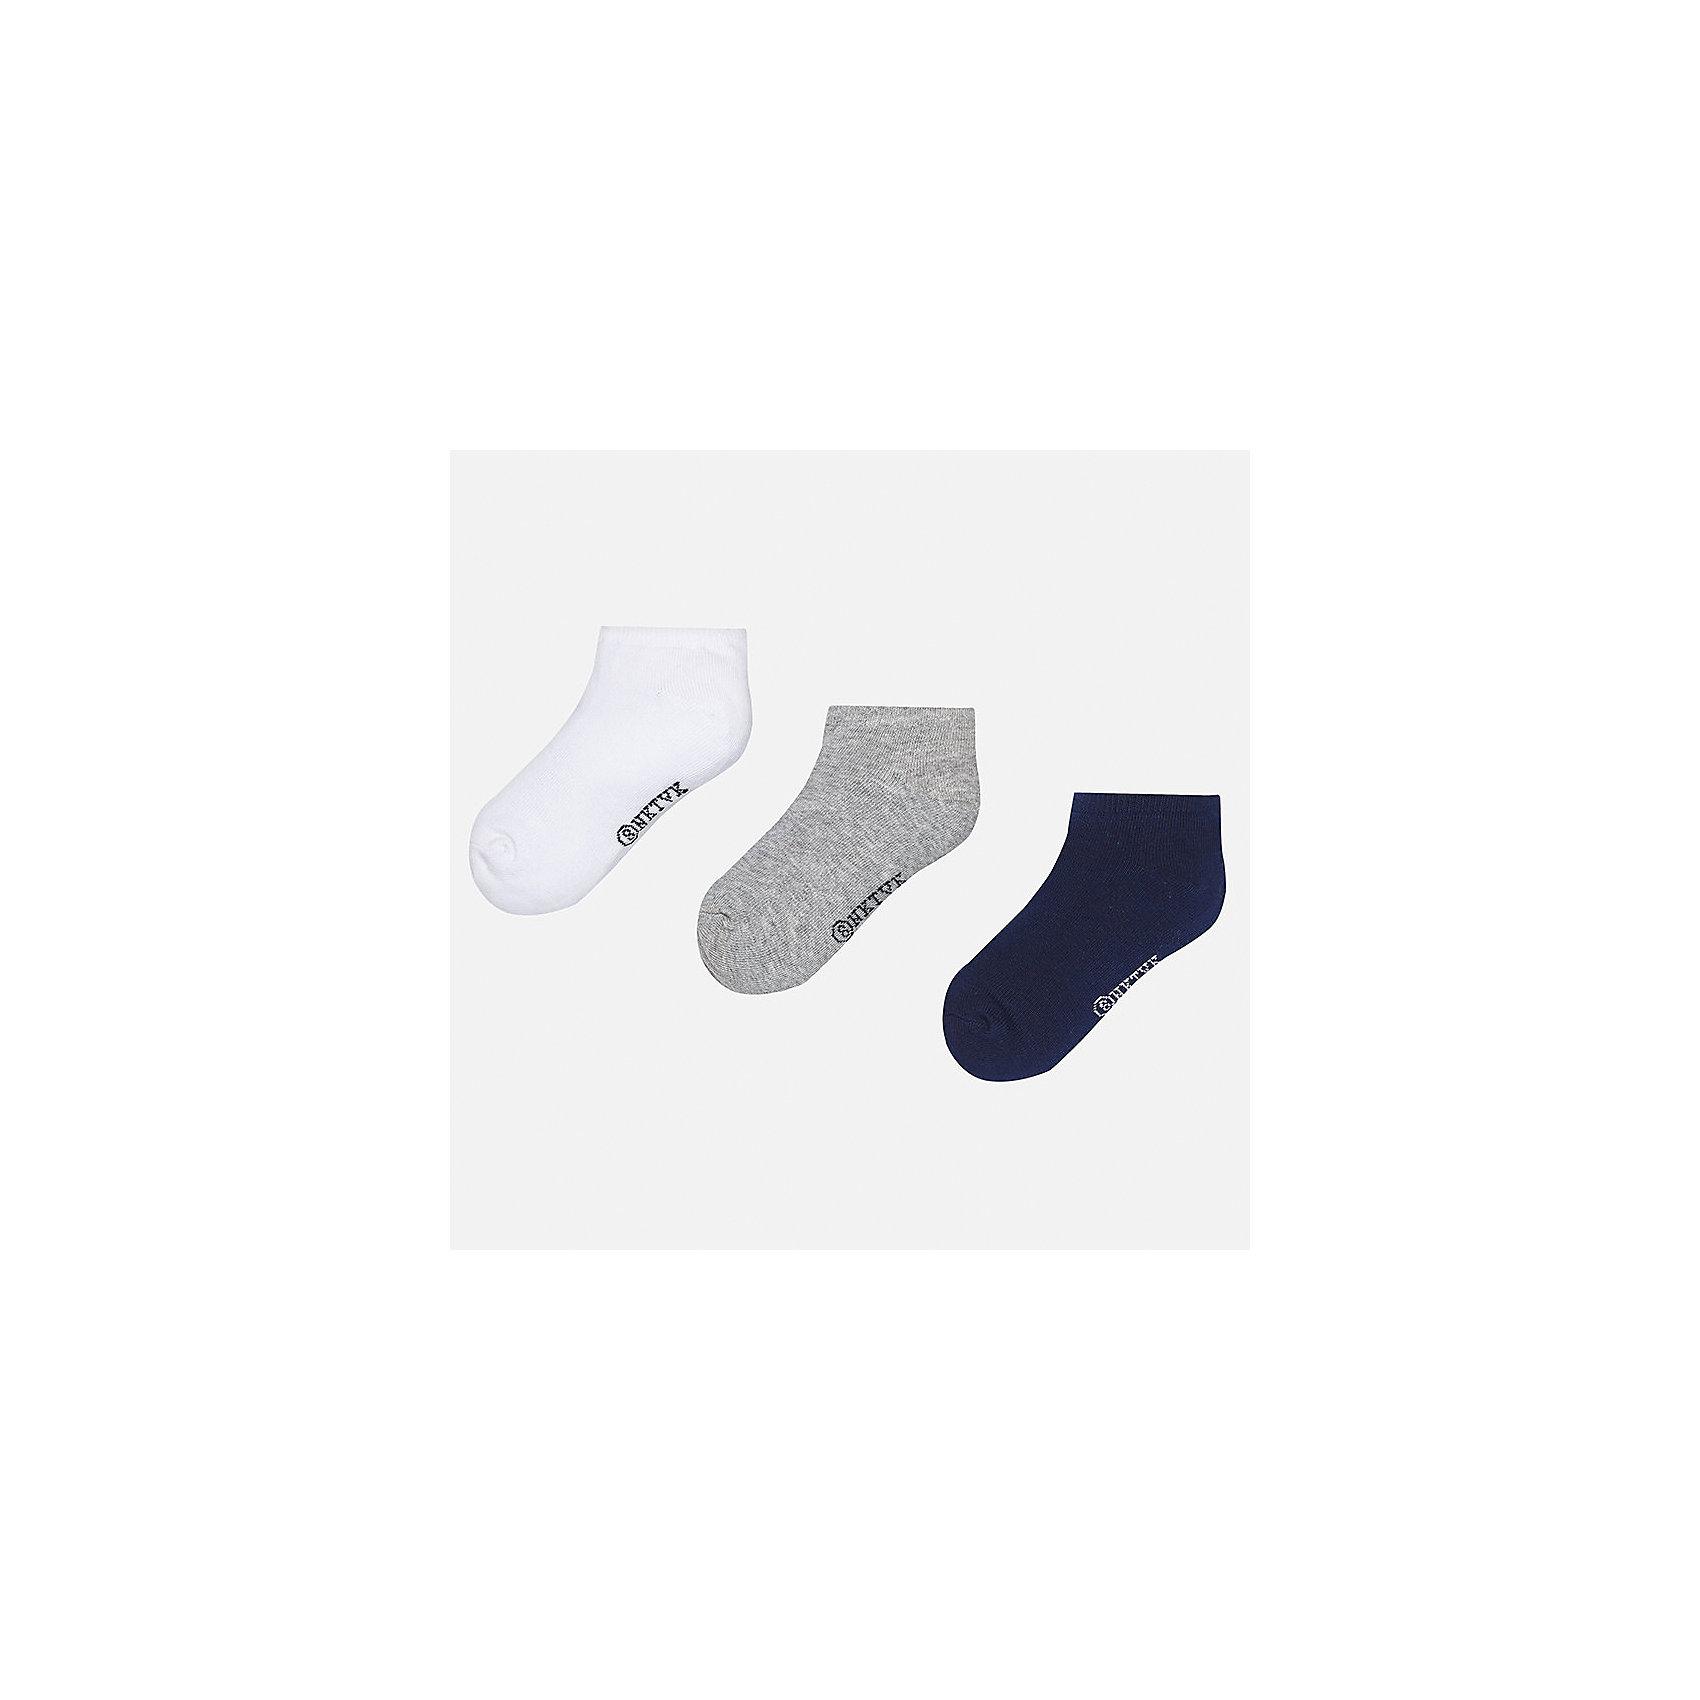 Носки (3 пары) для мальчика MayoralХарактеристики товара:<br><br>• цвет: белы/серый/синий<br>• состав: 72% хлопок, 25% полиамид, 3% эластан<br>• комплектация: три пары<br>• мягкая резинка<br>• эластичный материал<br>• однотонные<br>• страна бренда: Испания<br><br>Удобные симпатичные носки для мальчика помогут обеспечить ребенку комфорт и дополнить наряд. Универсальный цвет позволяет надевать их под обувь разных расцветок. Носки удобно сидят на ноге и аккуратно смотрятся. Этот комплект - практичный и красивый! В составе материала - натуральный хлопок, гипоаллергенный, приятный на ощупь, дышащий. <br><br>Одежда, обувь и аксессуары от испанского бренда Mayoral полюбились детям и взрослым по всему миру. Модели этой марки - стильные и удобные. Для их производства используются только безопасные, качественные материалы и фурнитура. Порадуйте ребенка модными и красивыми вещами от Mayoral! <br><br>Носки (3 пары) для мальчика от испанского бренда Mayoral (Майорал) можно купить в нашем интернет-магазине.<br><br>Ширина мм: 87<br>Глубина мм: 10<br>Высота мм: 105<br>Вес г: 115<br>Цвет: серый<br>Возраст от месяцев: 72<br>Возраст до месяцев: 96<br>Пол: Мужской<br>Возраст: Детский<br>Размер: 8,16,14,12,10<br>SKU: 5282133